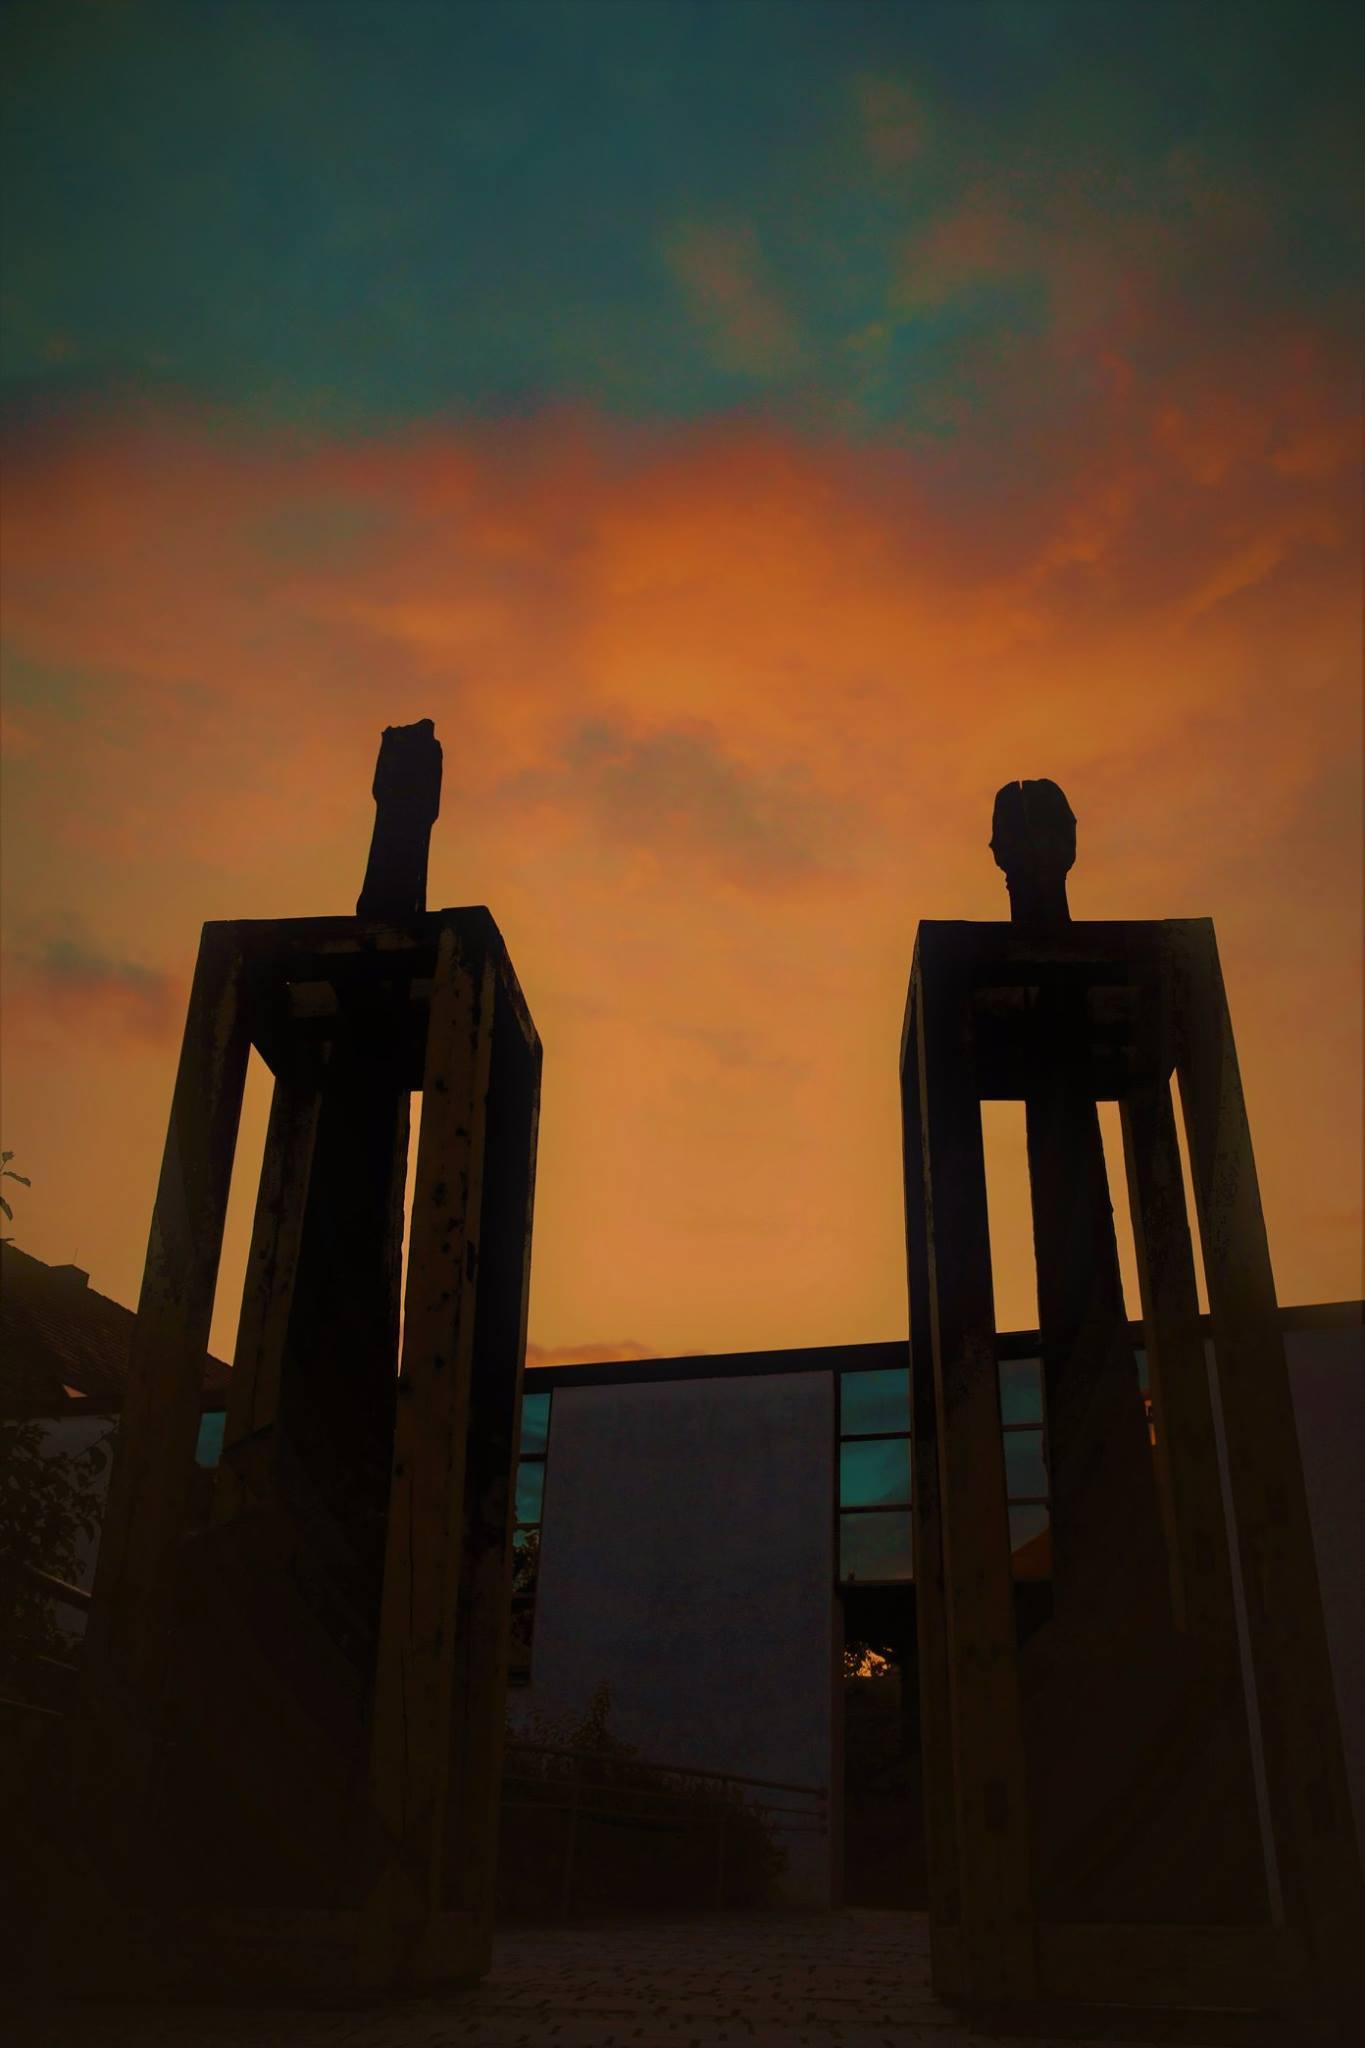 """Das Bild zeigt die Kunstinstallation """"Er und Sie"""" von Vaclav Fiala, Klatový, am Treppenaufgang zur Stadtpfarrkirche St. Josef im stimmungsvollen Licht der Abenddämmerung. Foto: Agnes Jonas"""